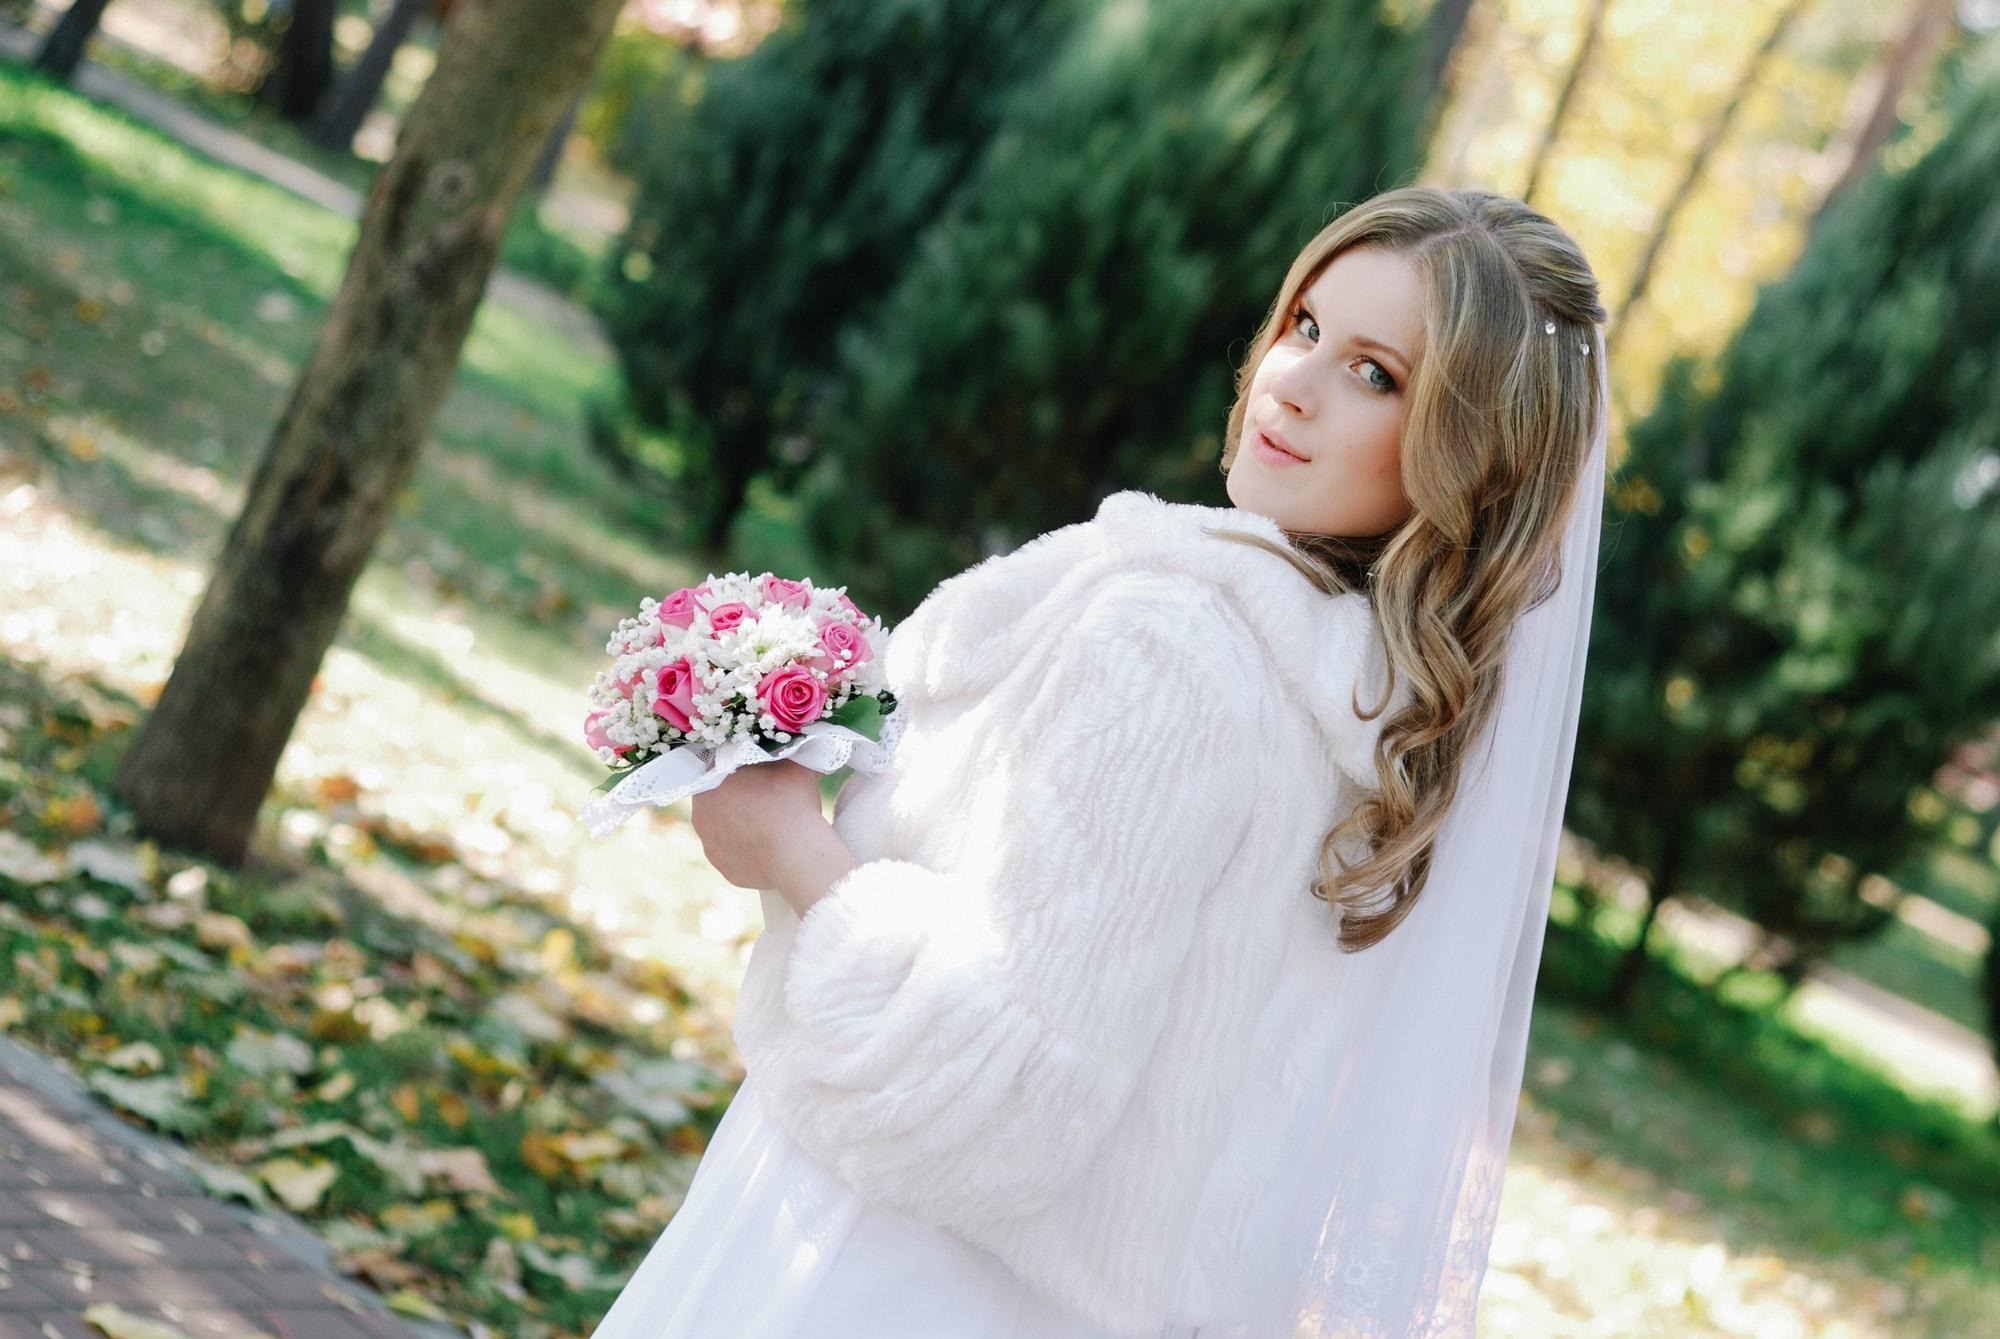 Невеста гуляет в парке - Фотограф Киев - Женя Лайт